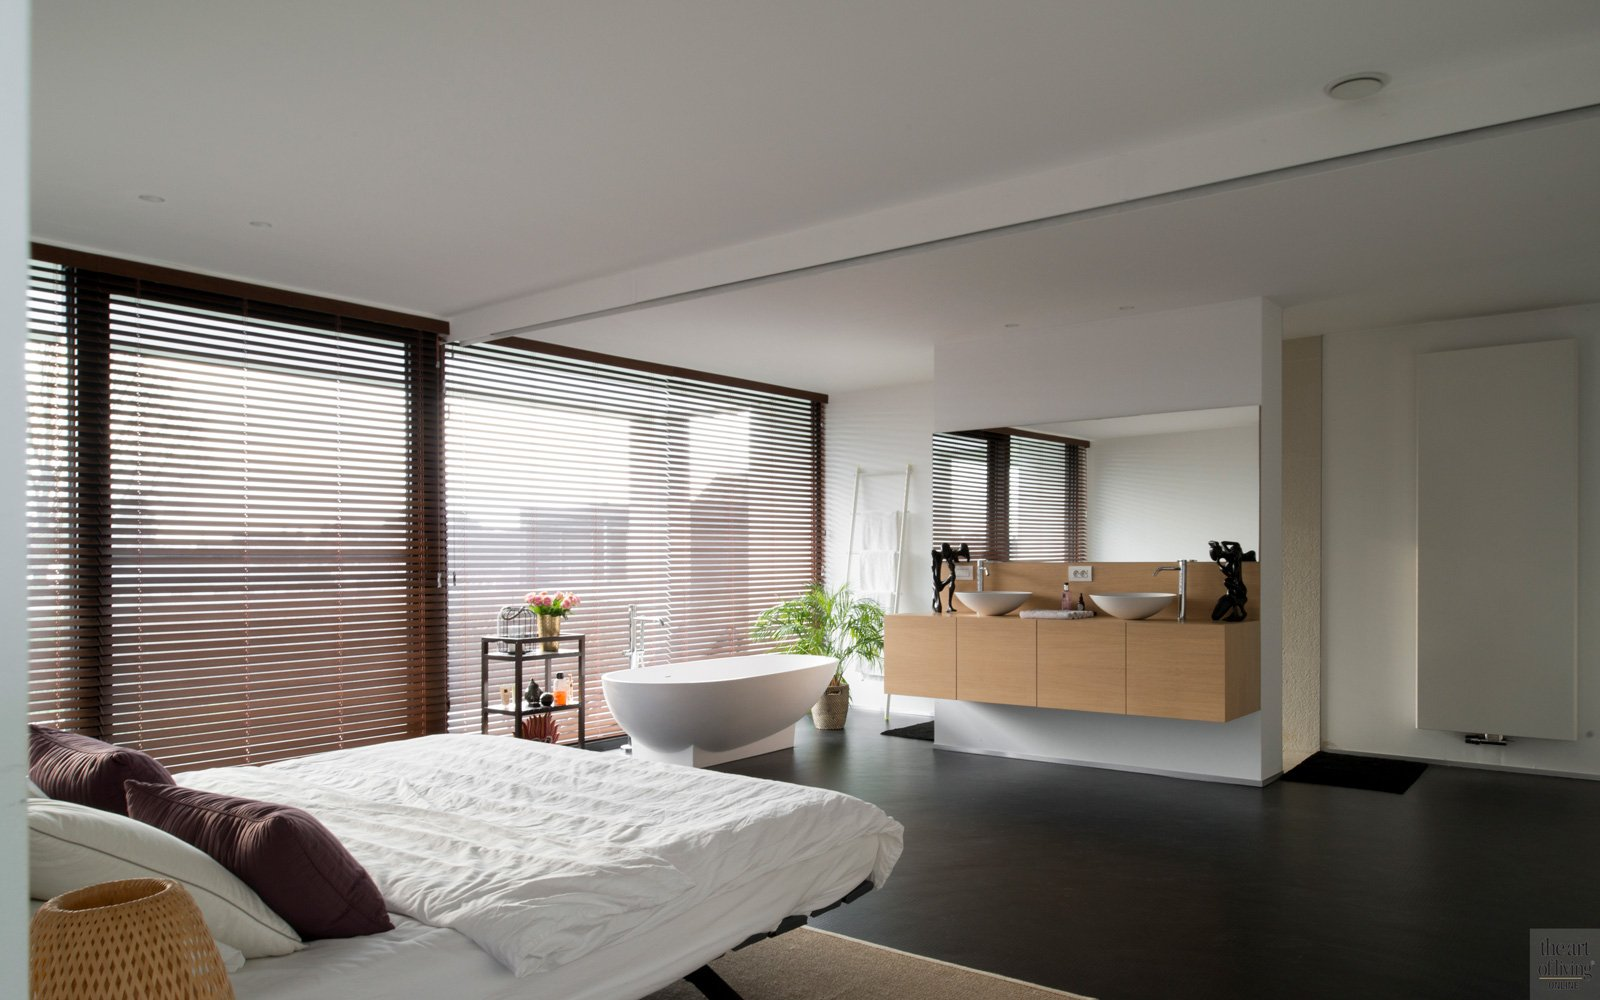 Slaapkamer, badkamer, vrijstaand bad, dubbele lavabomeubel, master bedroom, Desco Wijnegem, Dave Pacquee